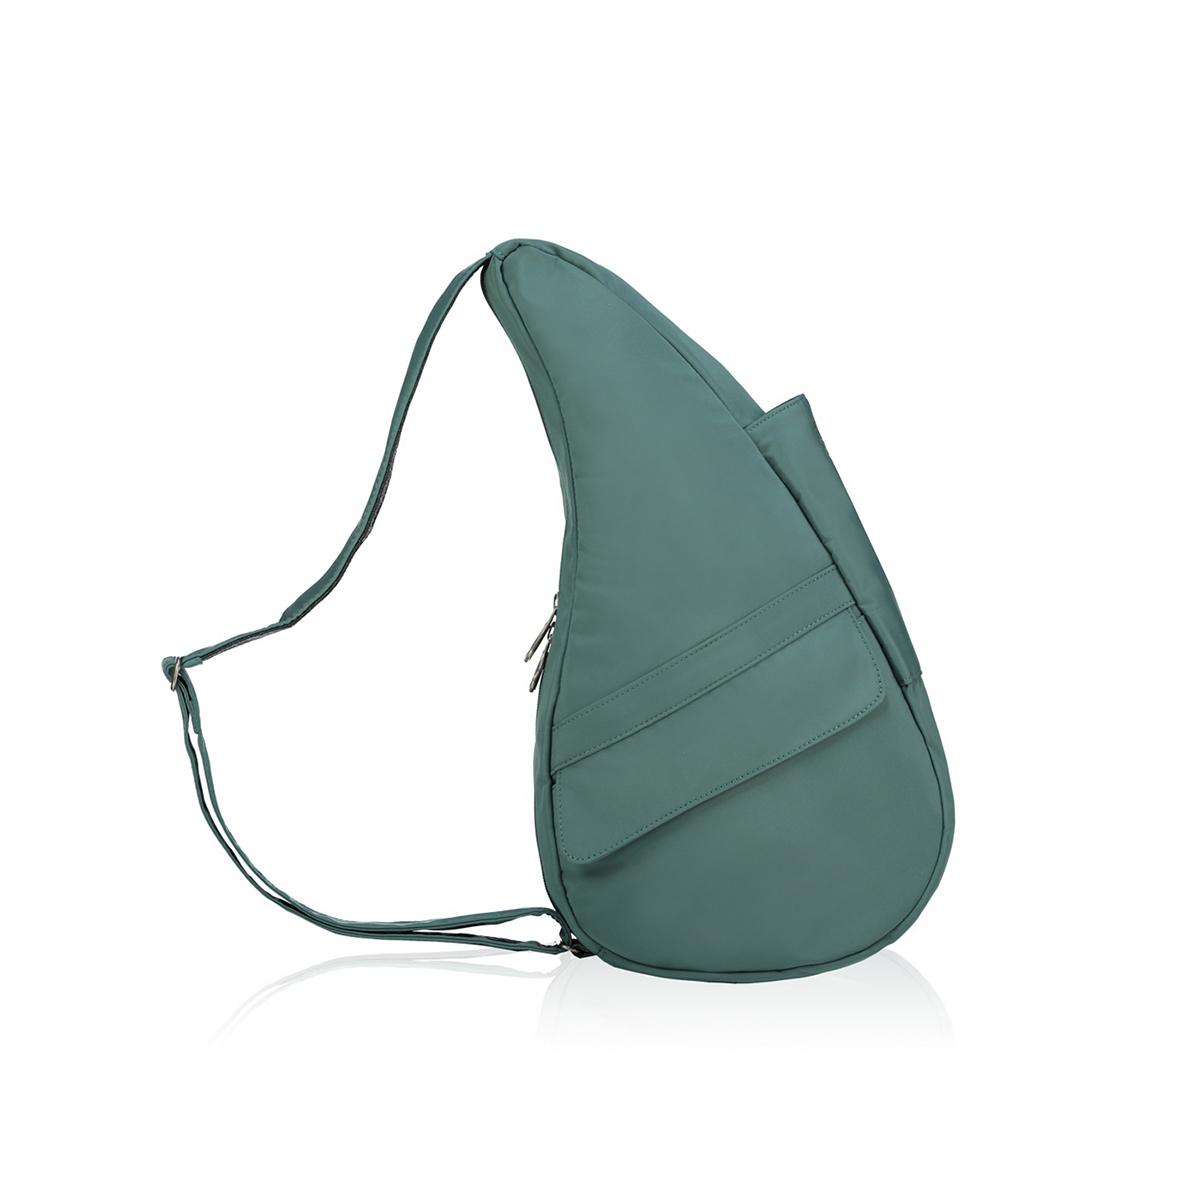 《クリアランス》 ヘルシーバックバッグ マイクロファイバー Sサイズ ノルディックファー (ベルクロポケット仕様)